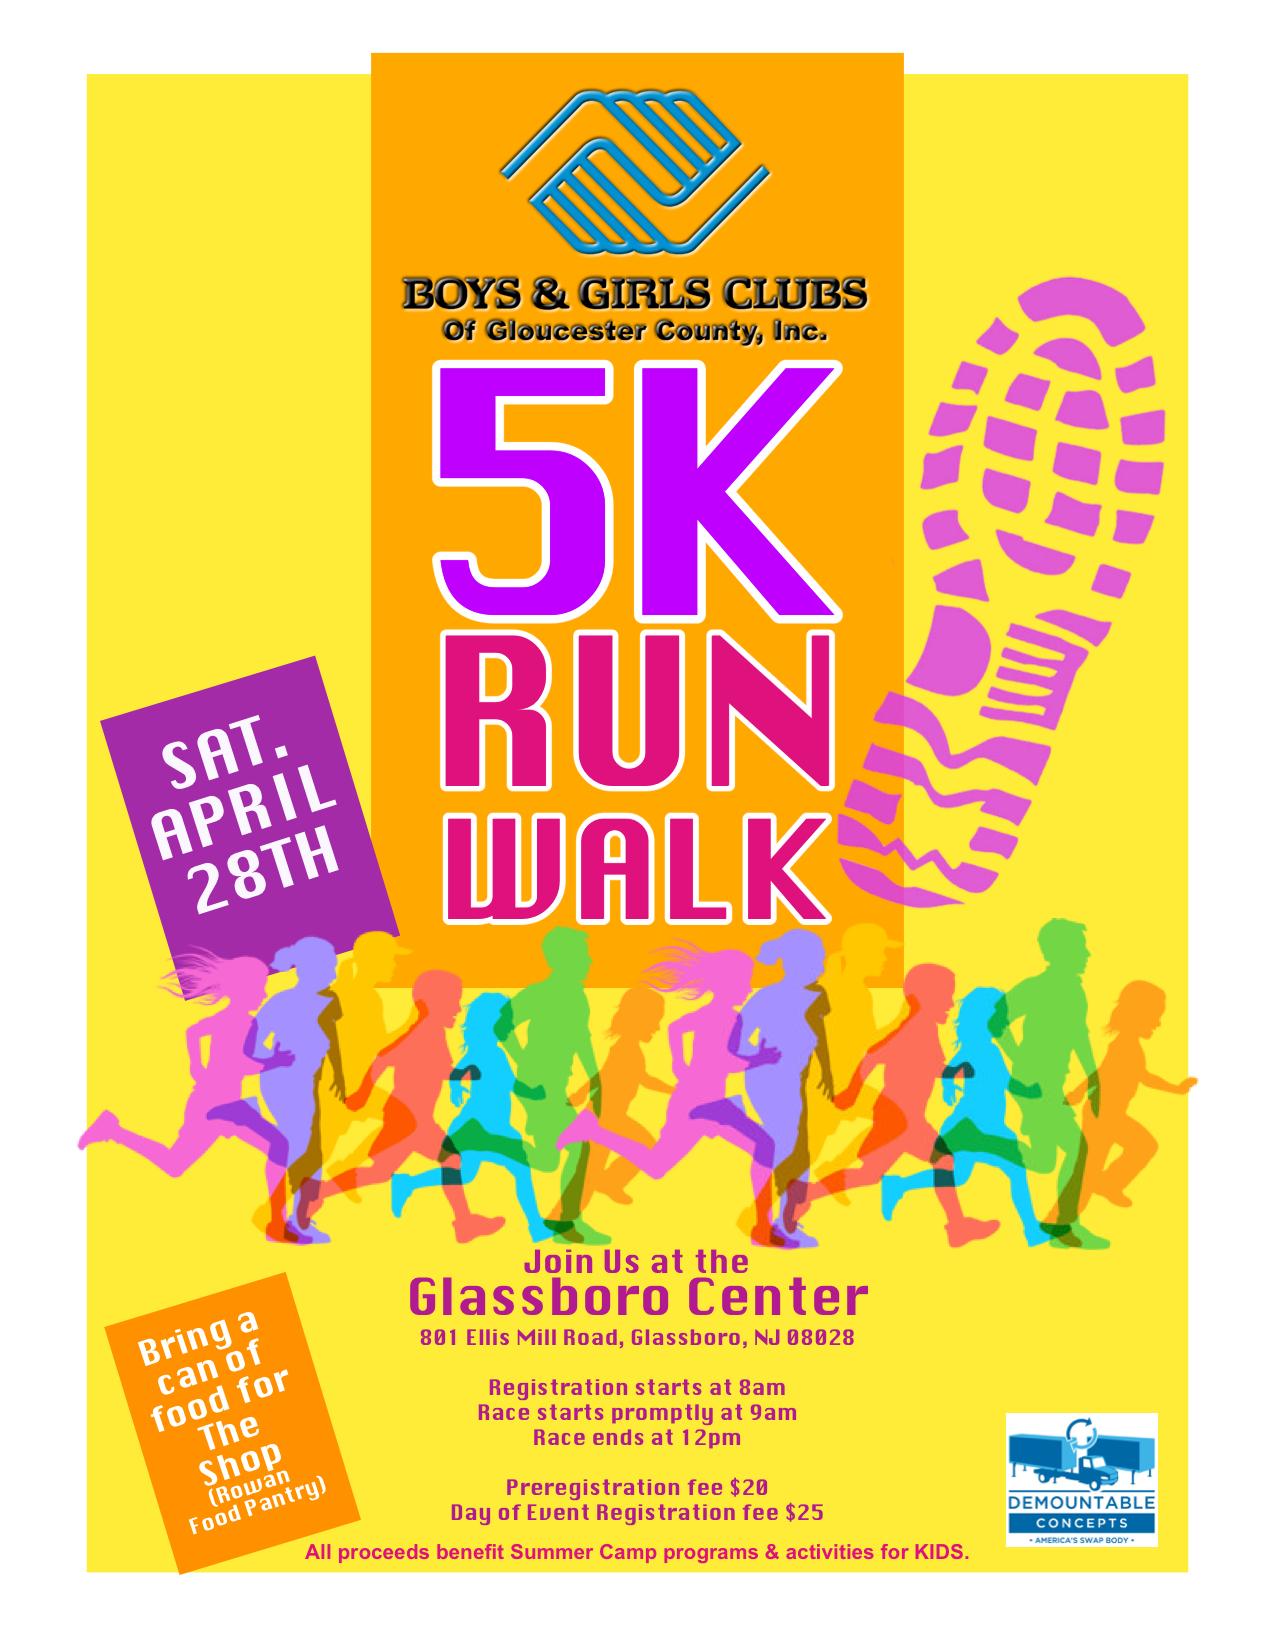 5k run walk 1.jpeg